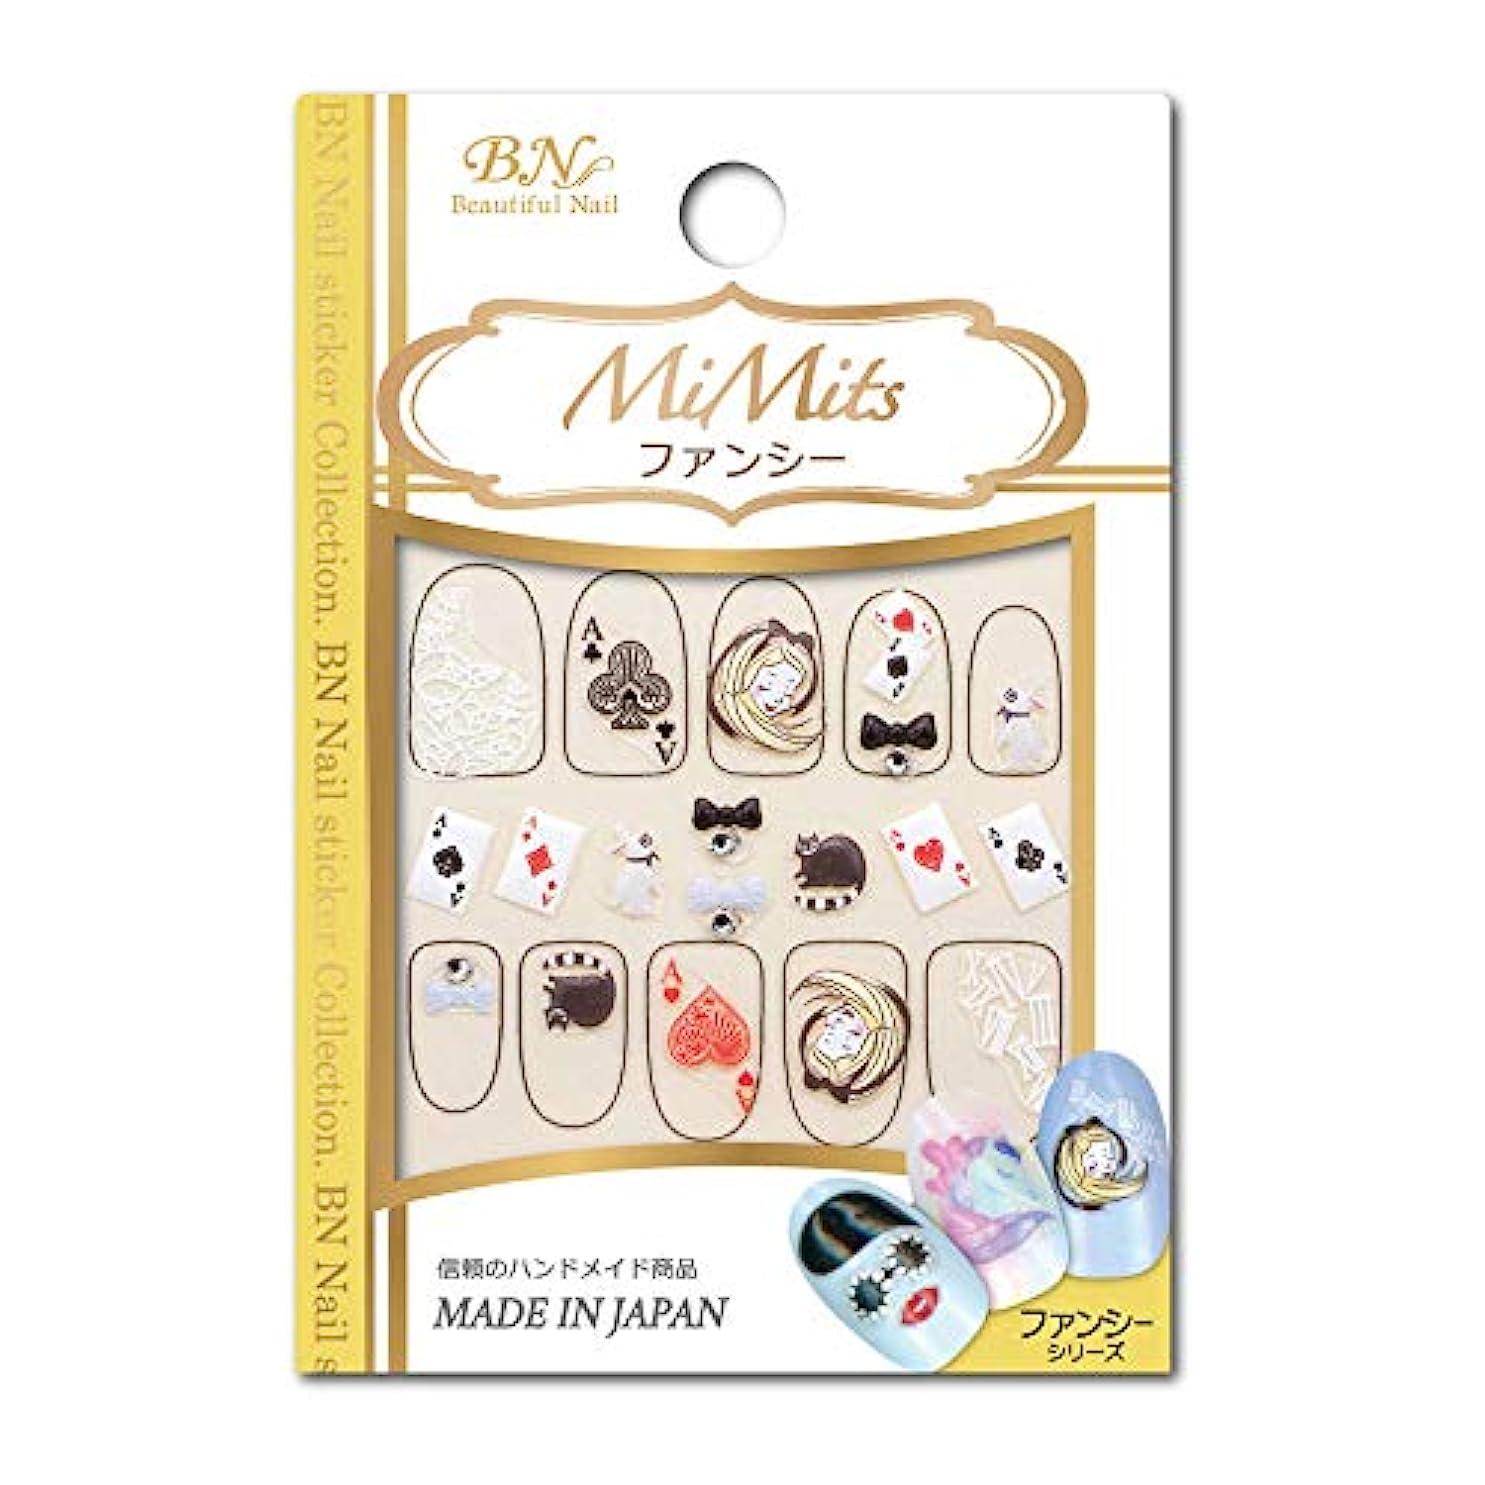 機関男やもめラッドヤードキップリングBN MiMits ファンシーシリーズ FSC-05 アリス (1シート)